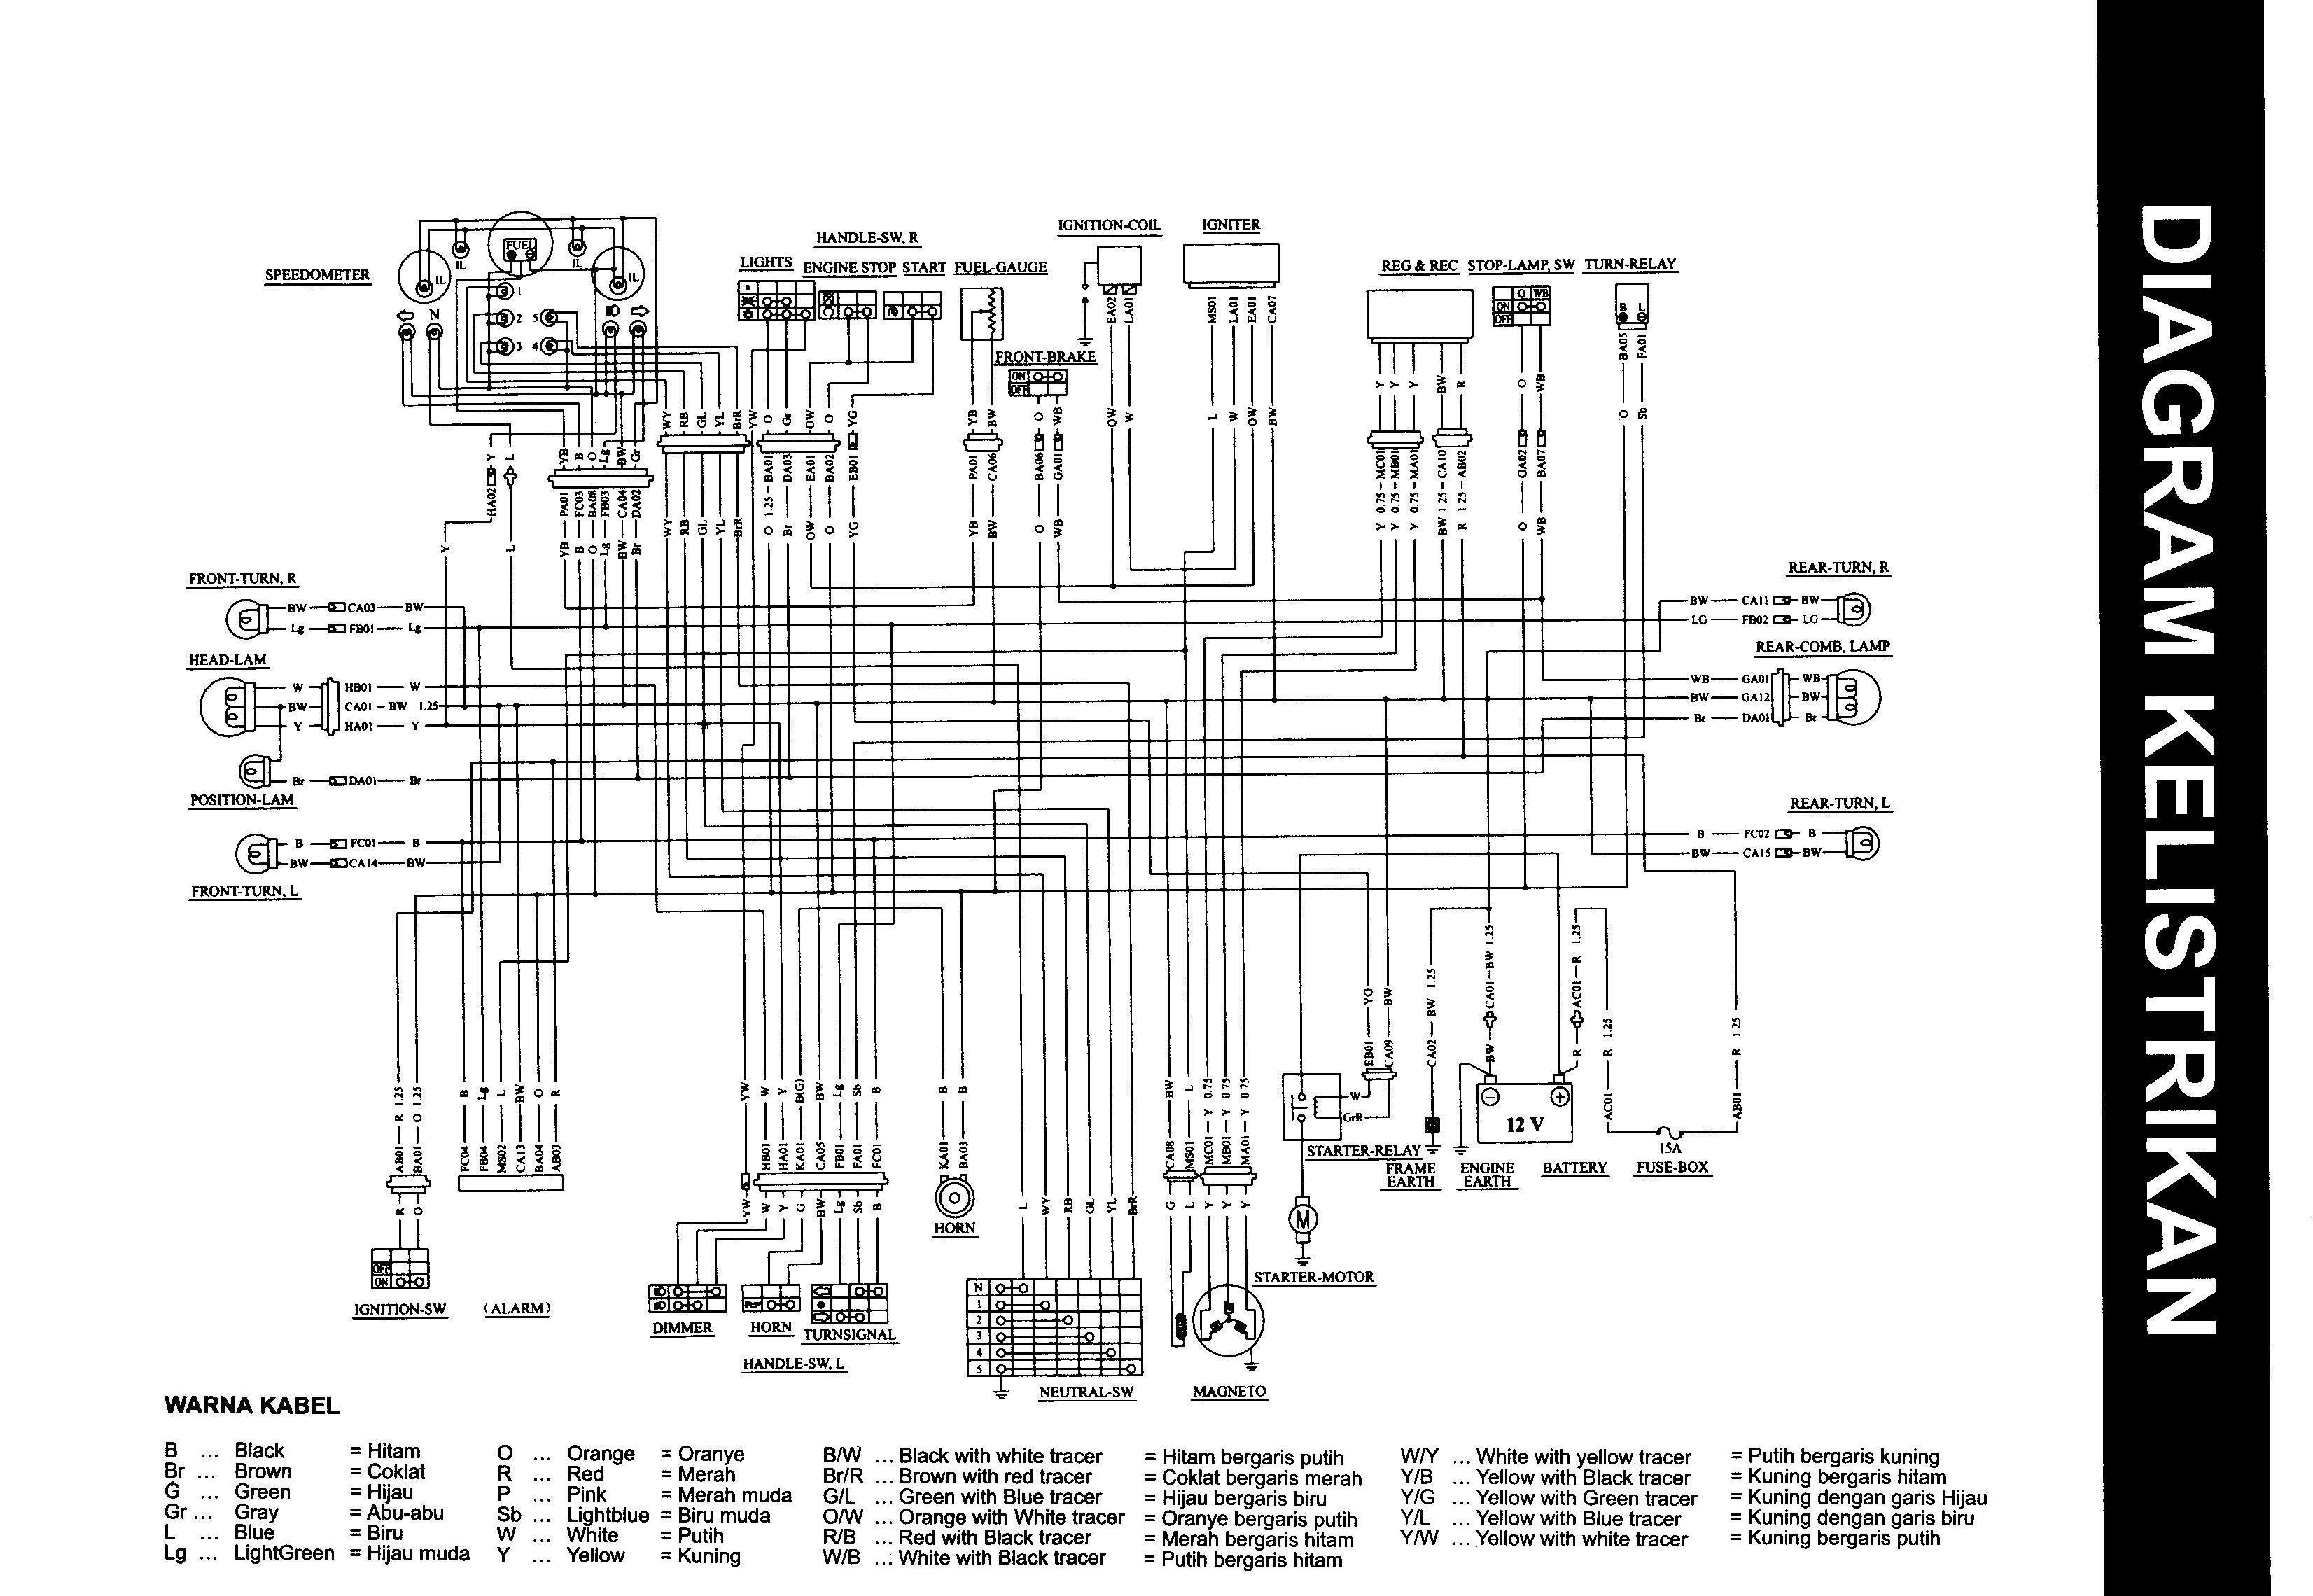 wiring diagram jupiter z1 basic electronics wiring diagram jupier z1 wiring diagram [ 3304 x 2280 Pixel ]